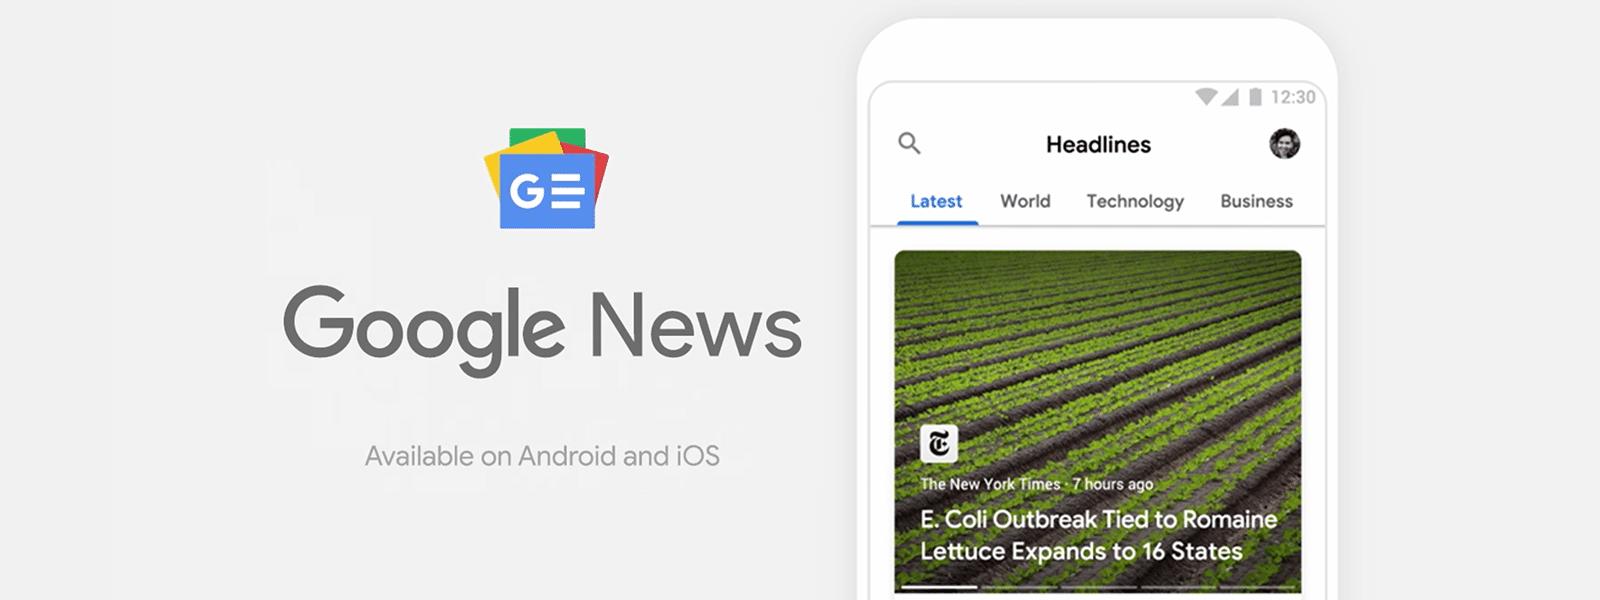 รีวิว Google News ฟีดข่าวตรงความสนใจอย่างแม่น คนชอบอ่านข่าว, หาข่าว ควรใช้!